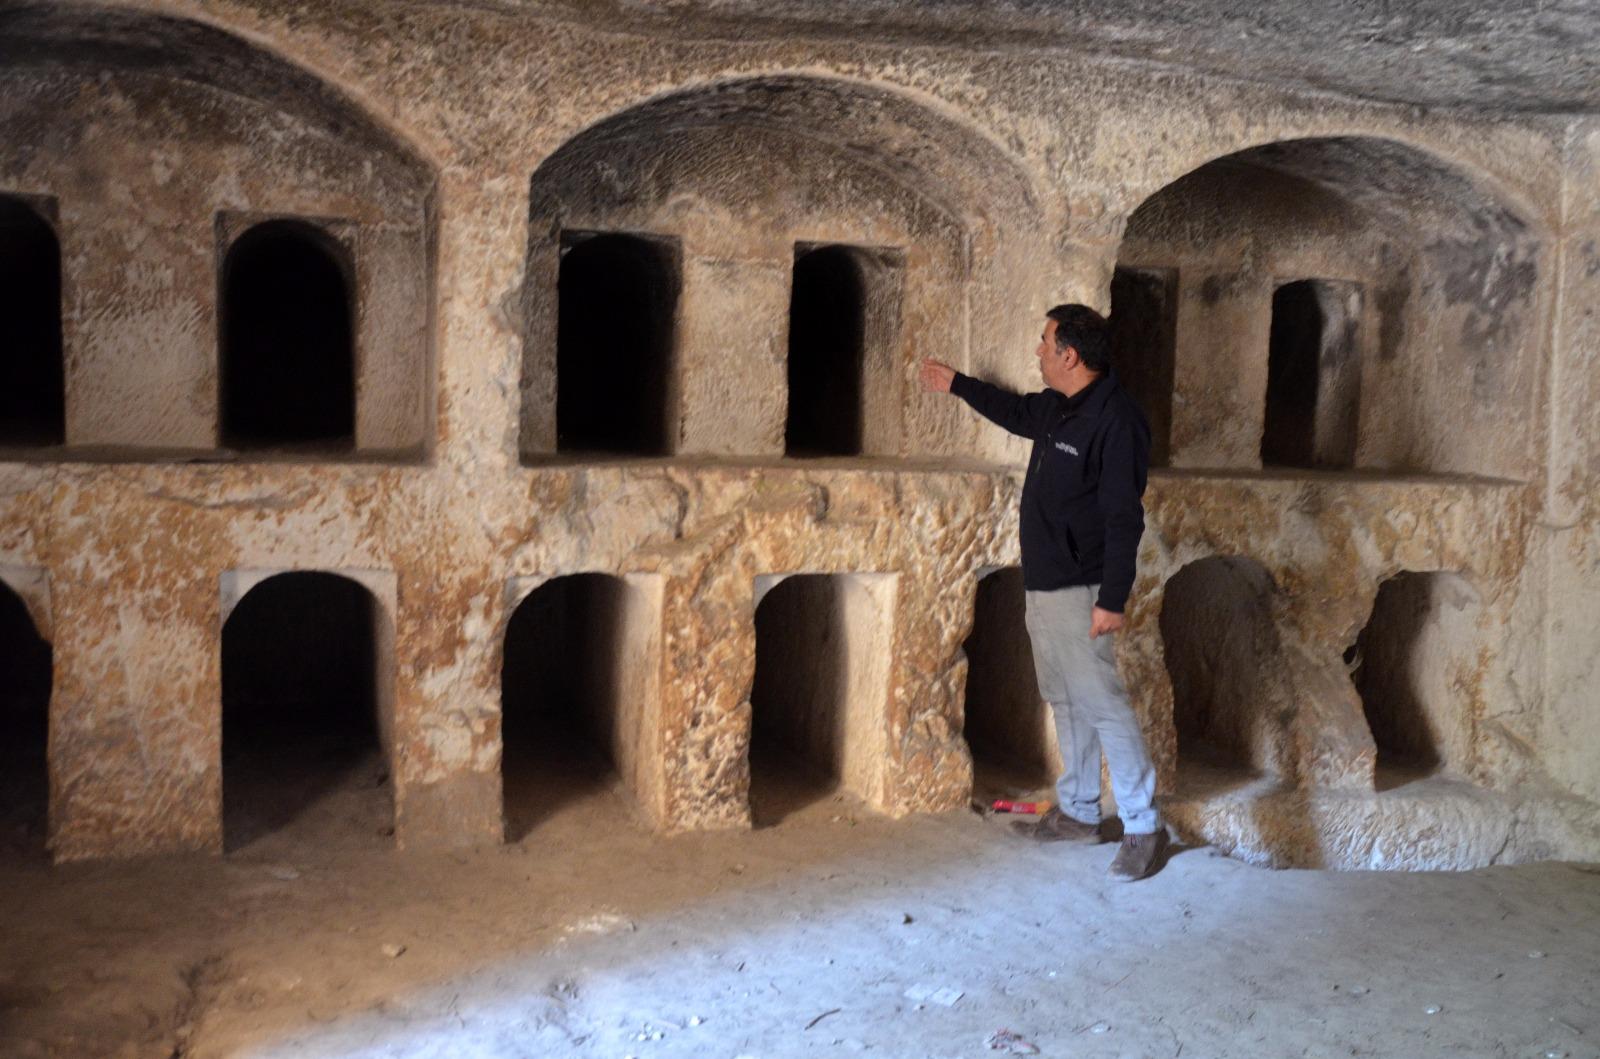 הלוחמים הסתתרו במערות קבורת הסנהדרין